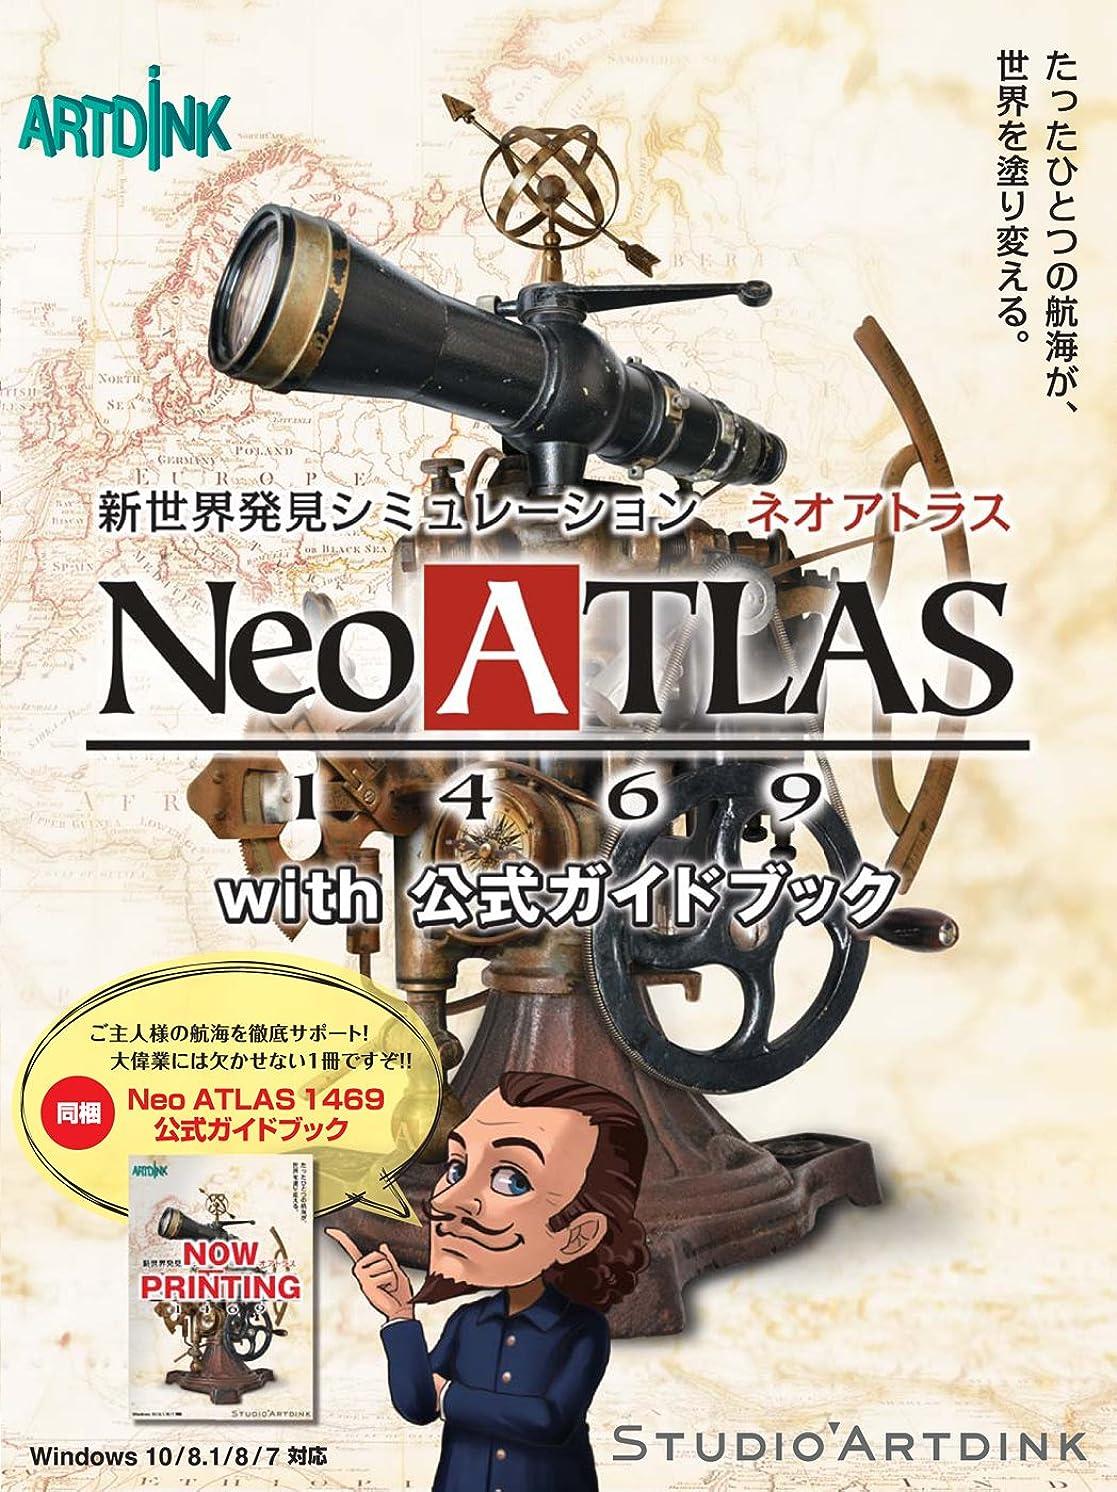 上向きトークン放射能アートディンク Neo ATLAS 1469 with 公式ガイドブック